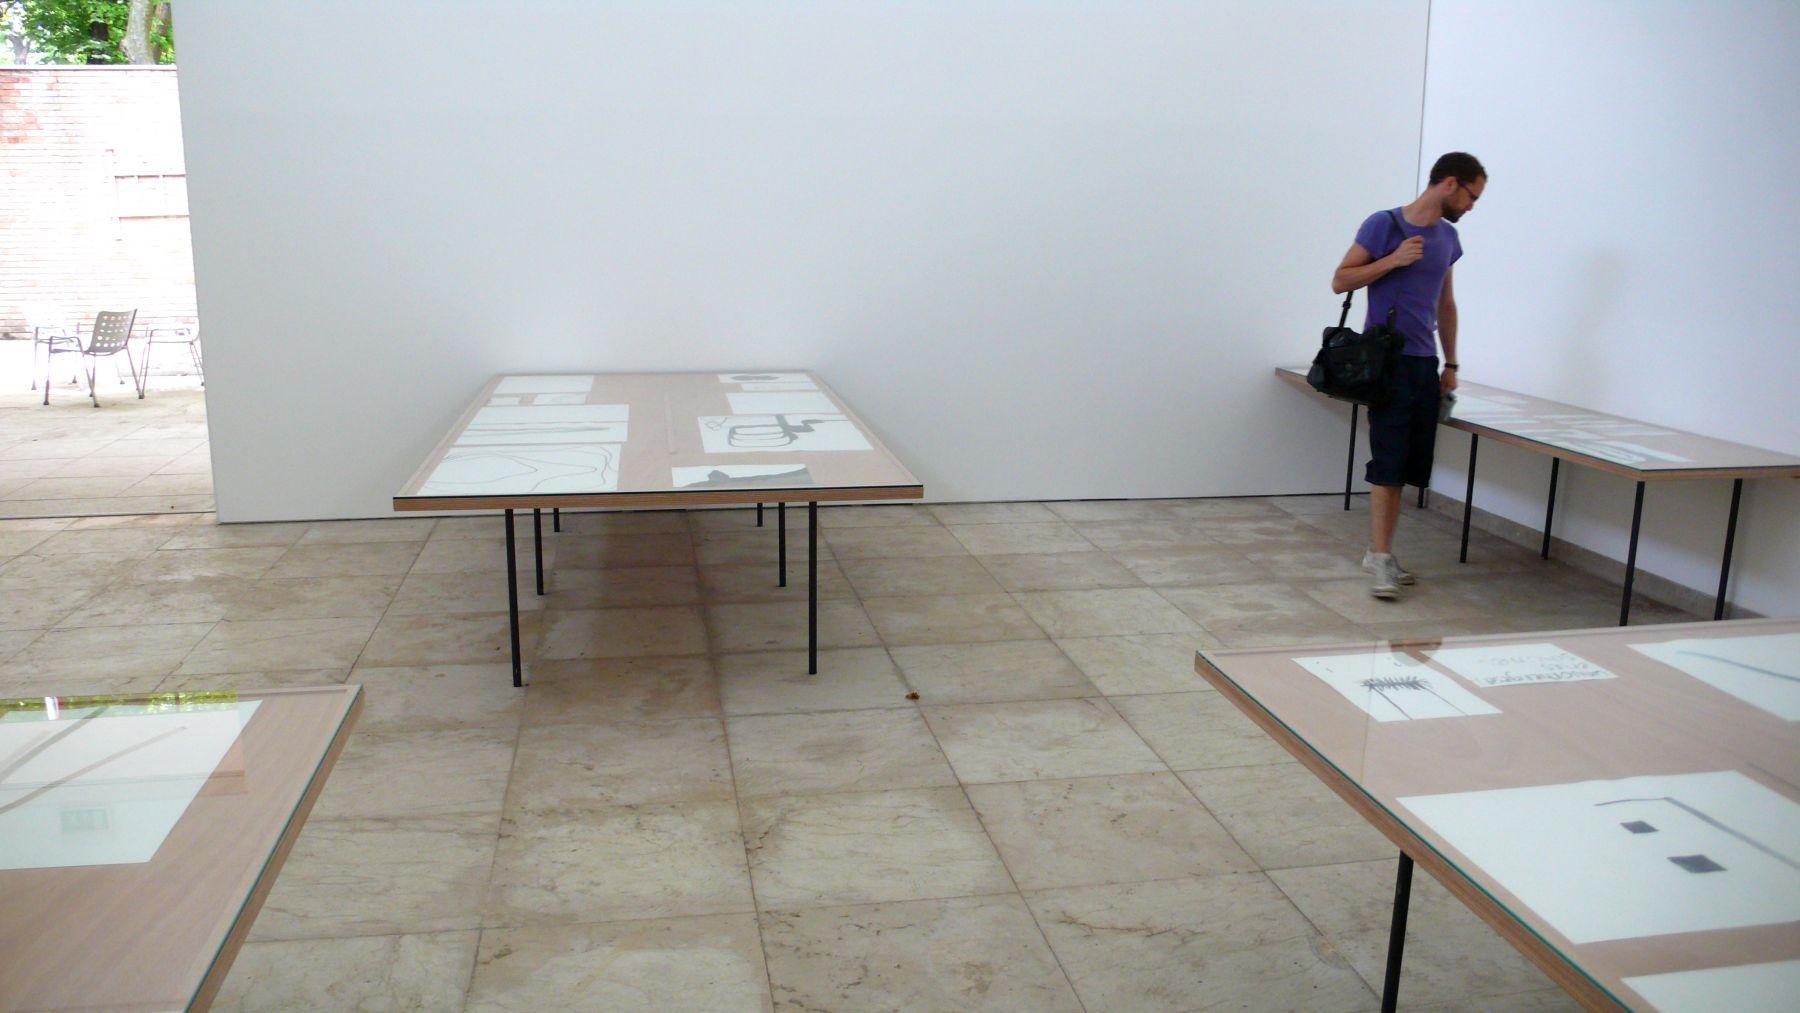 The Swiss Pavilion at the 53rd International Art Exhibition, La Biennale di Venezia